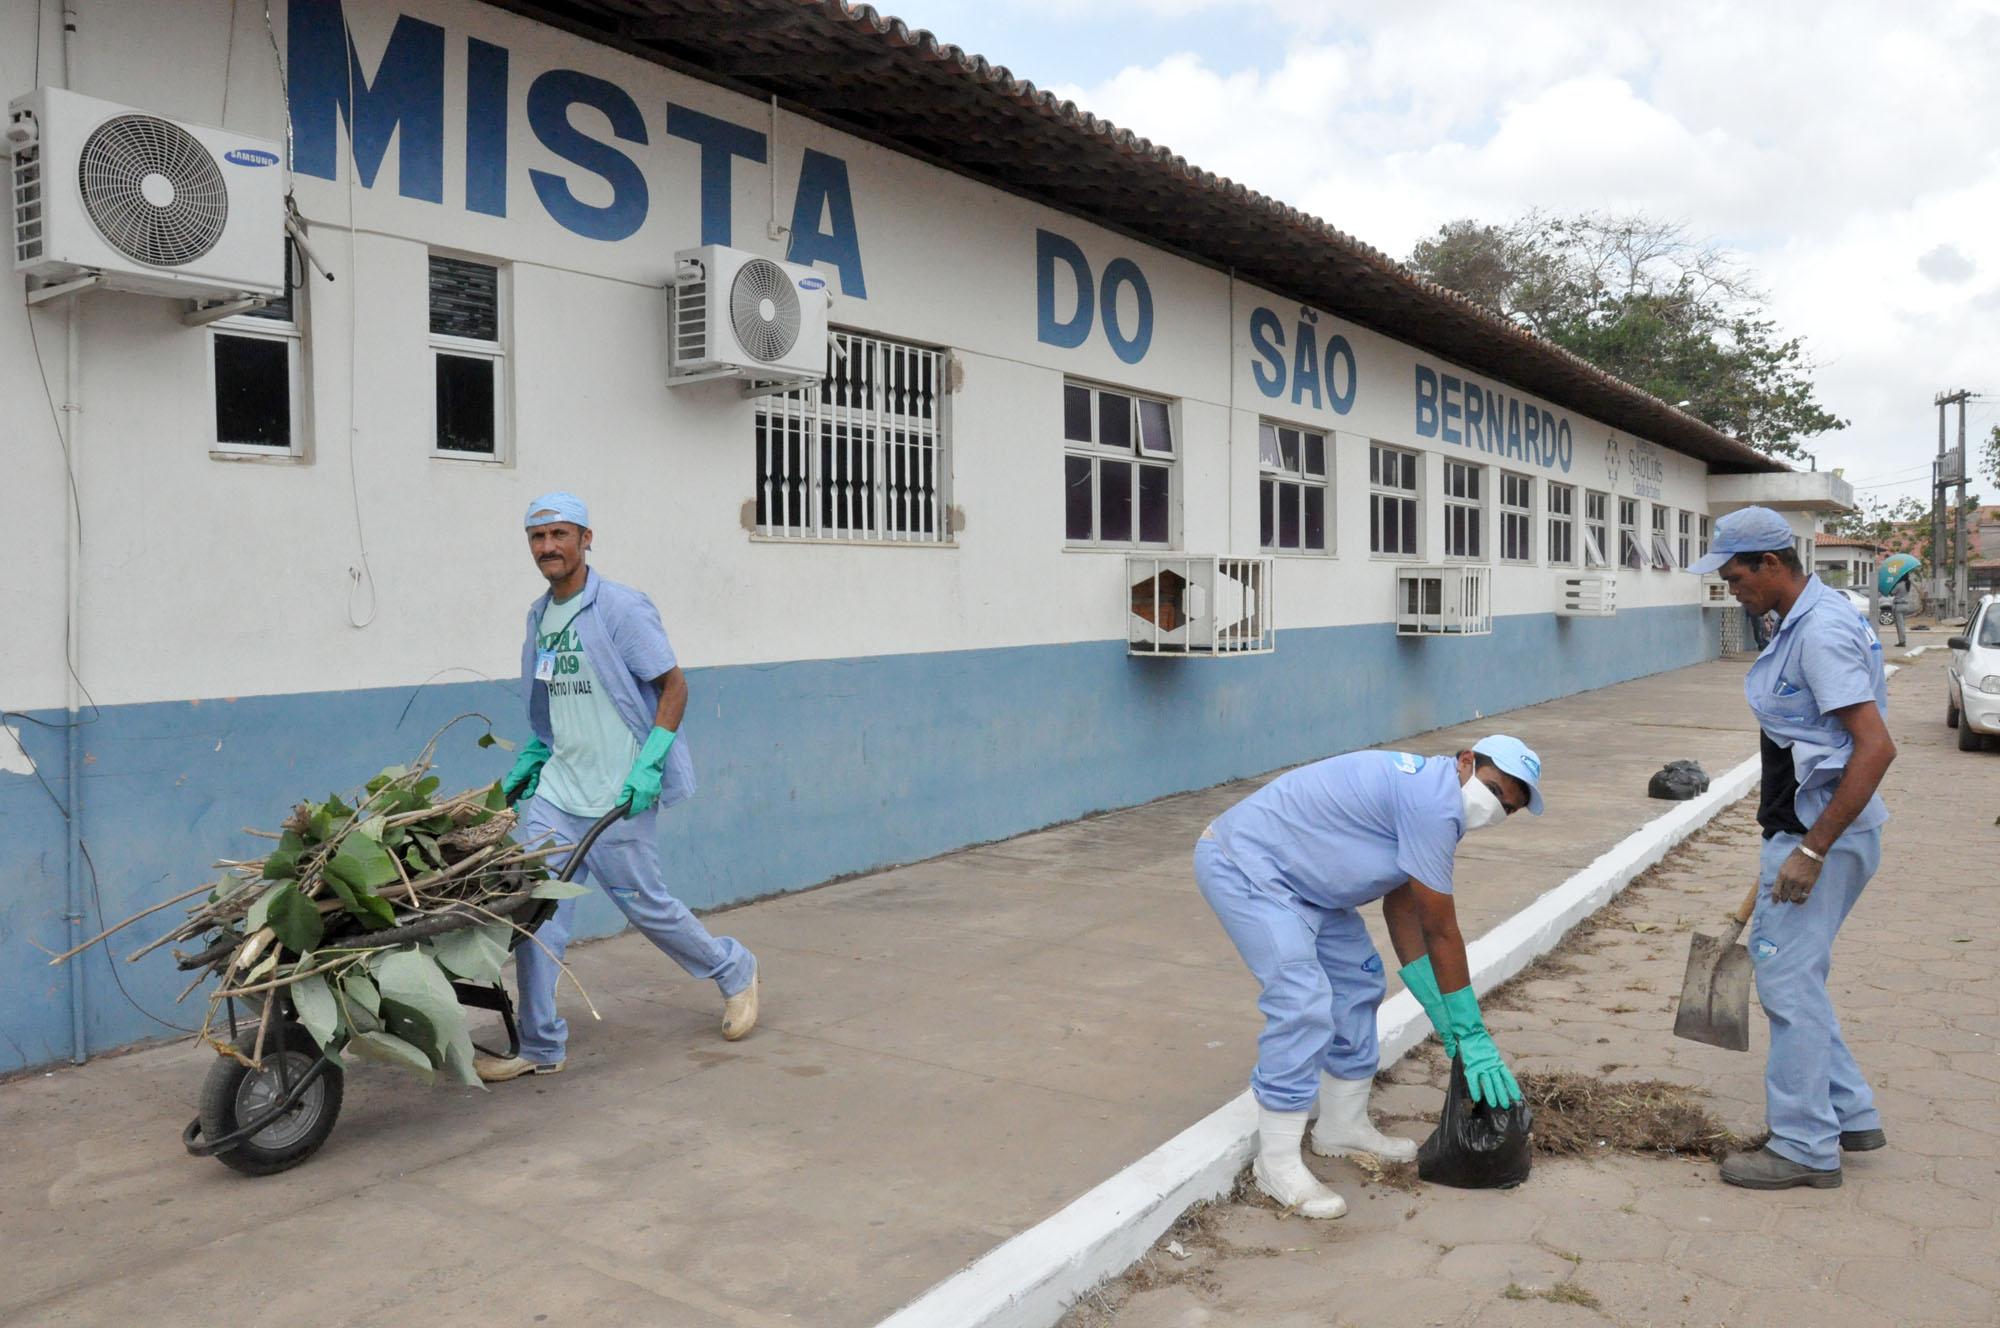 Foto 10 - DOMINGO - reestruturação de unidades municipais de saúde Unidade Mista de S. Bernardo foto Nestor Bezerra